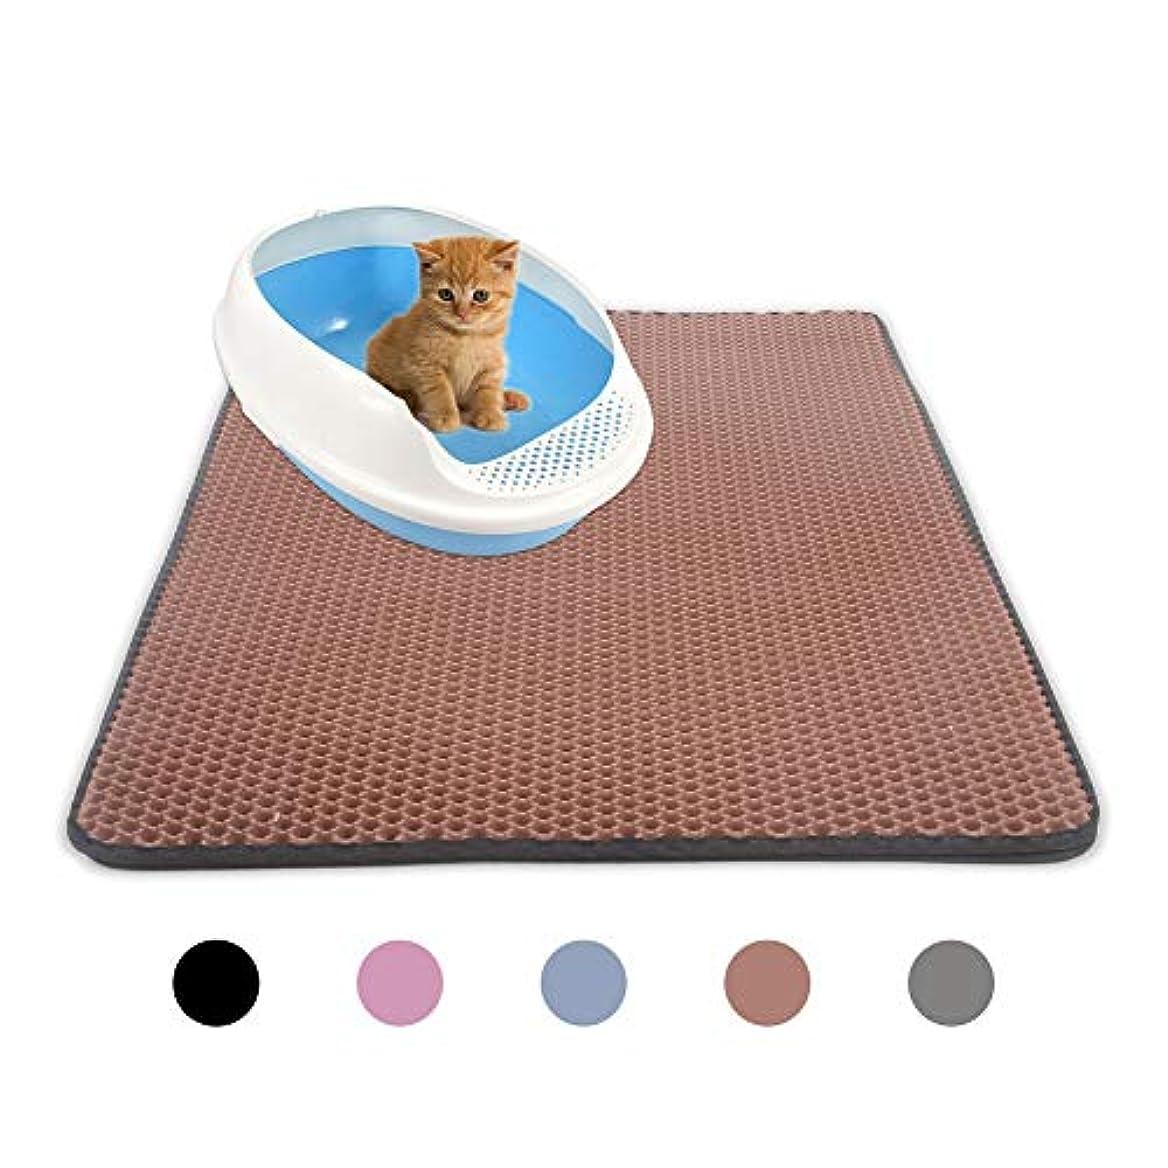 腐った守銭奴消毒剤Kicat® 猫用トイレのパッド2層防水猫用トイレのマットペットフットマッサージパッド (XL: 55*75 cm, 004:ブラウン)